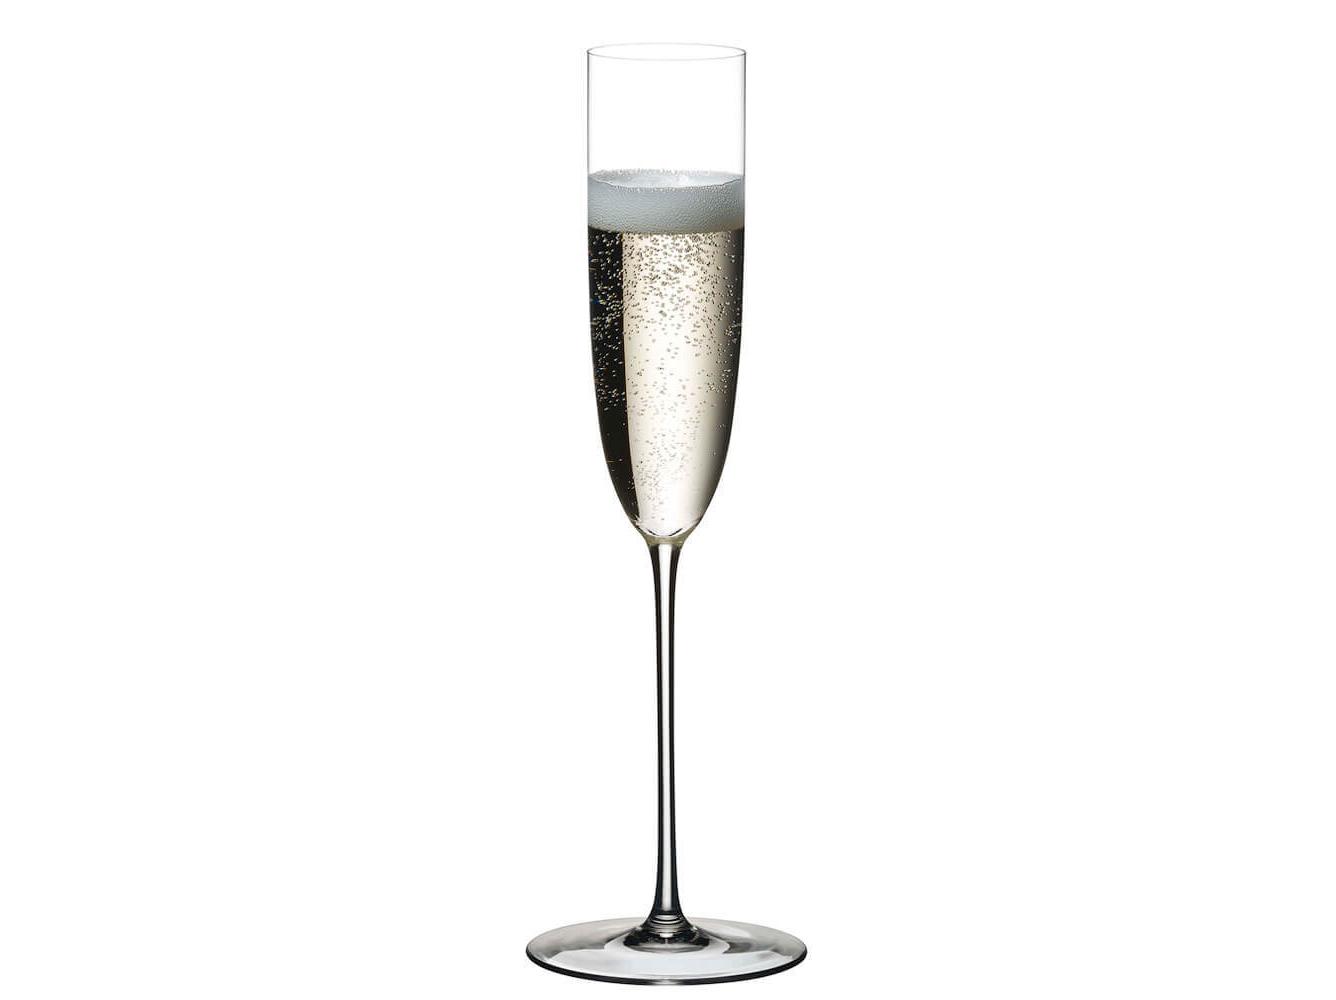 Бокал flyute с шампанским